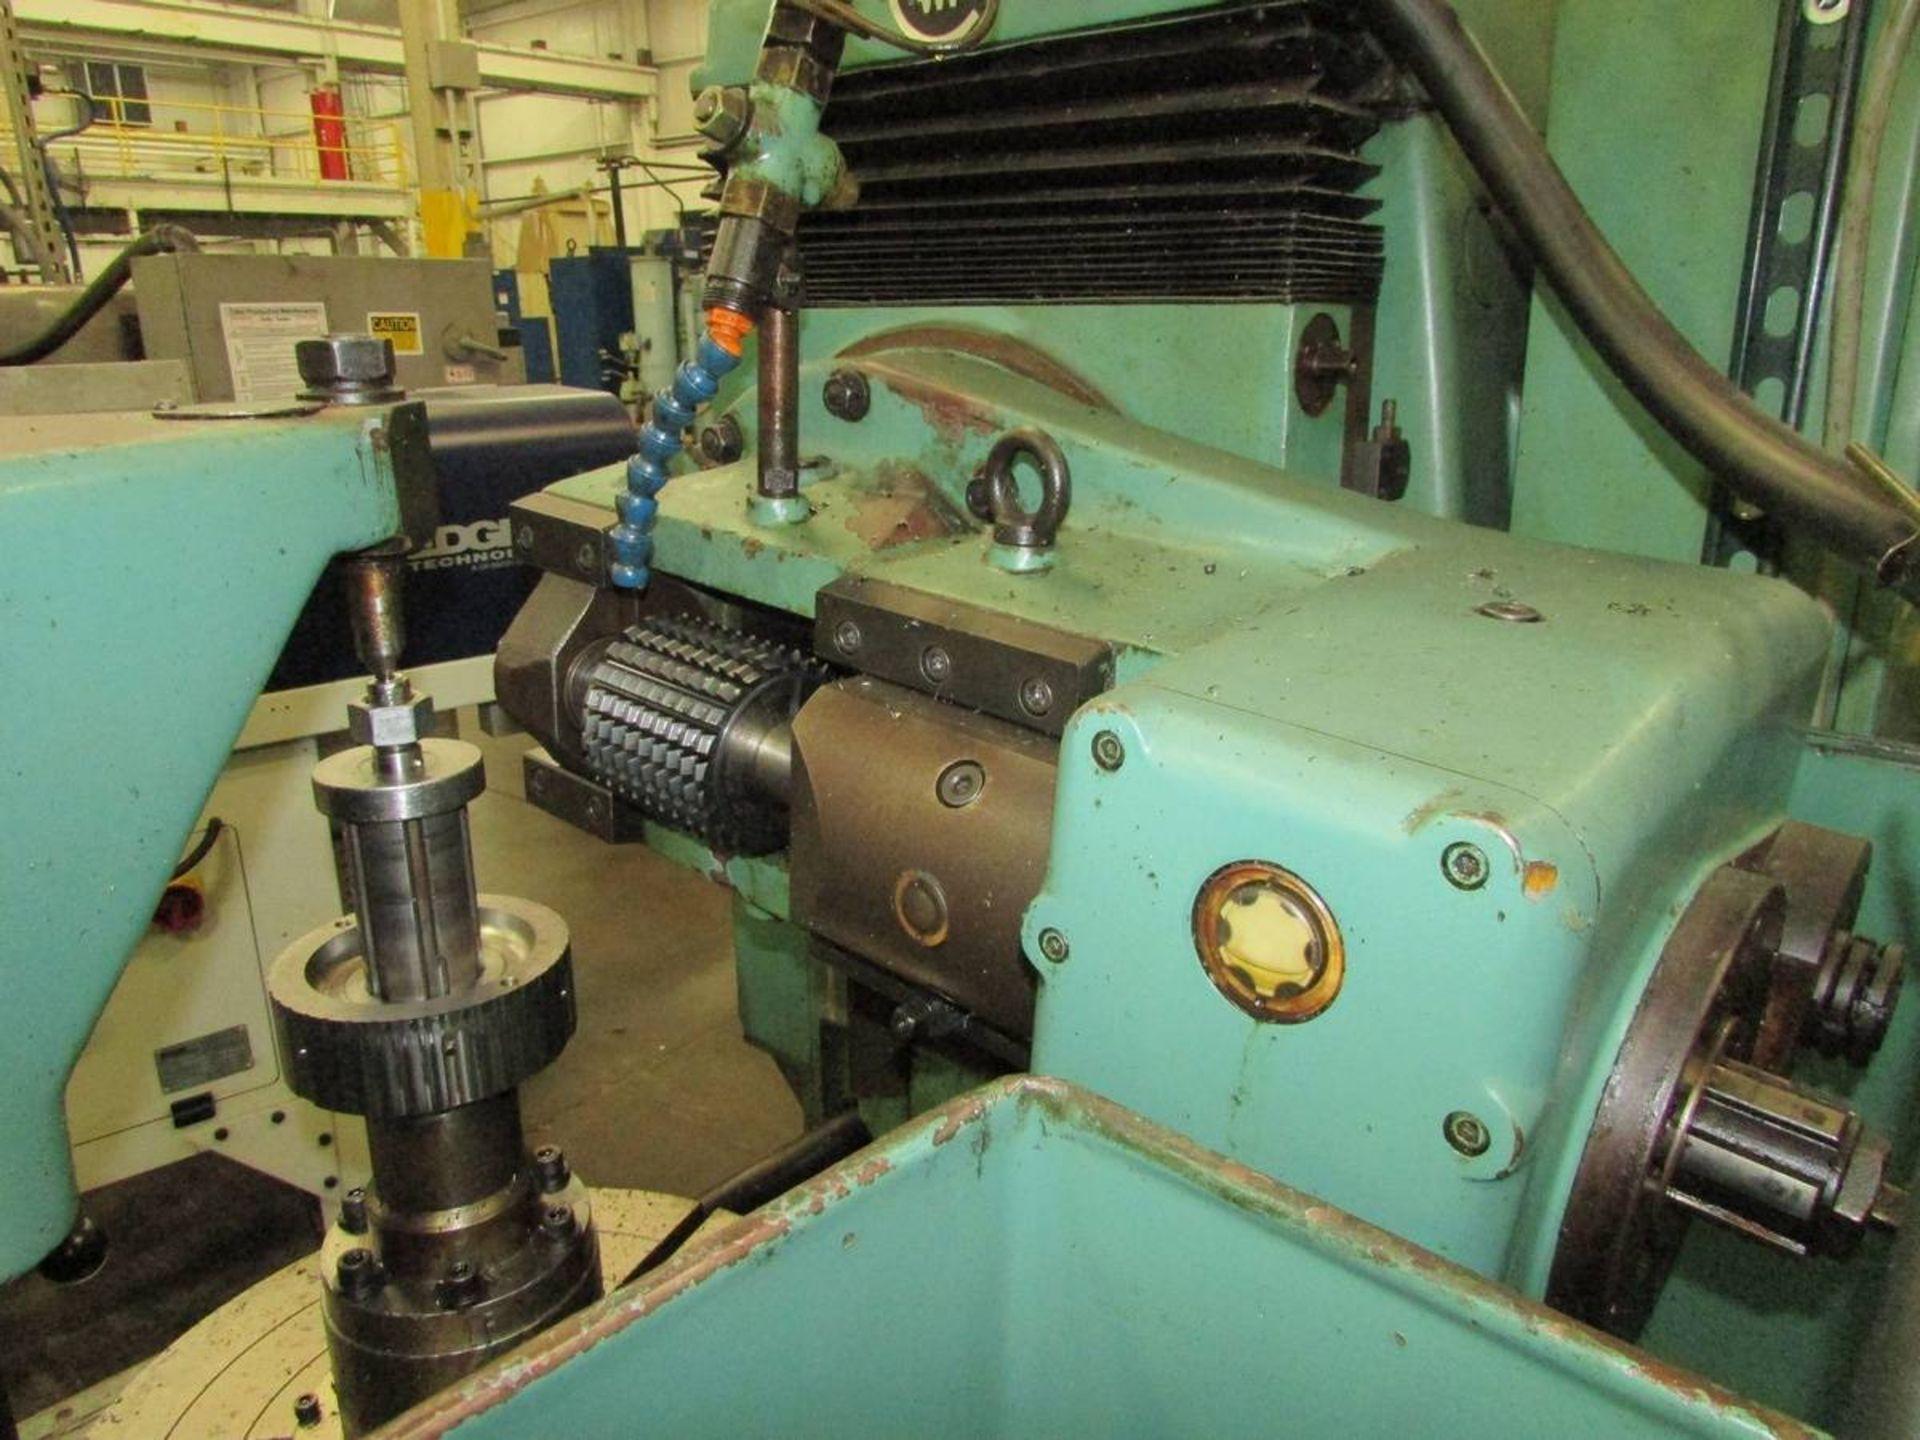 1984 Lansing GH20 Universal Gear Hobbing Machine - Image 13 of 16